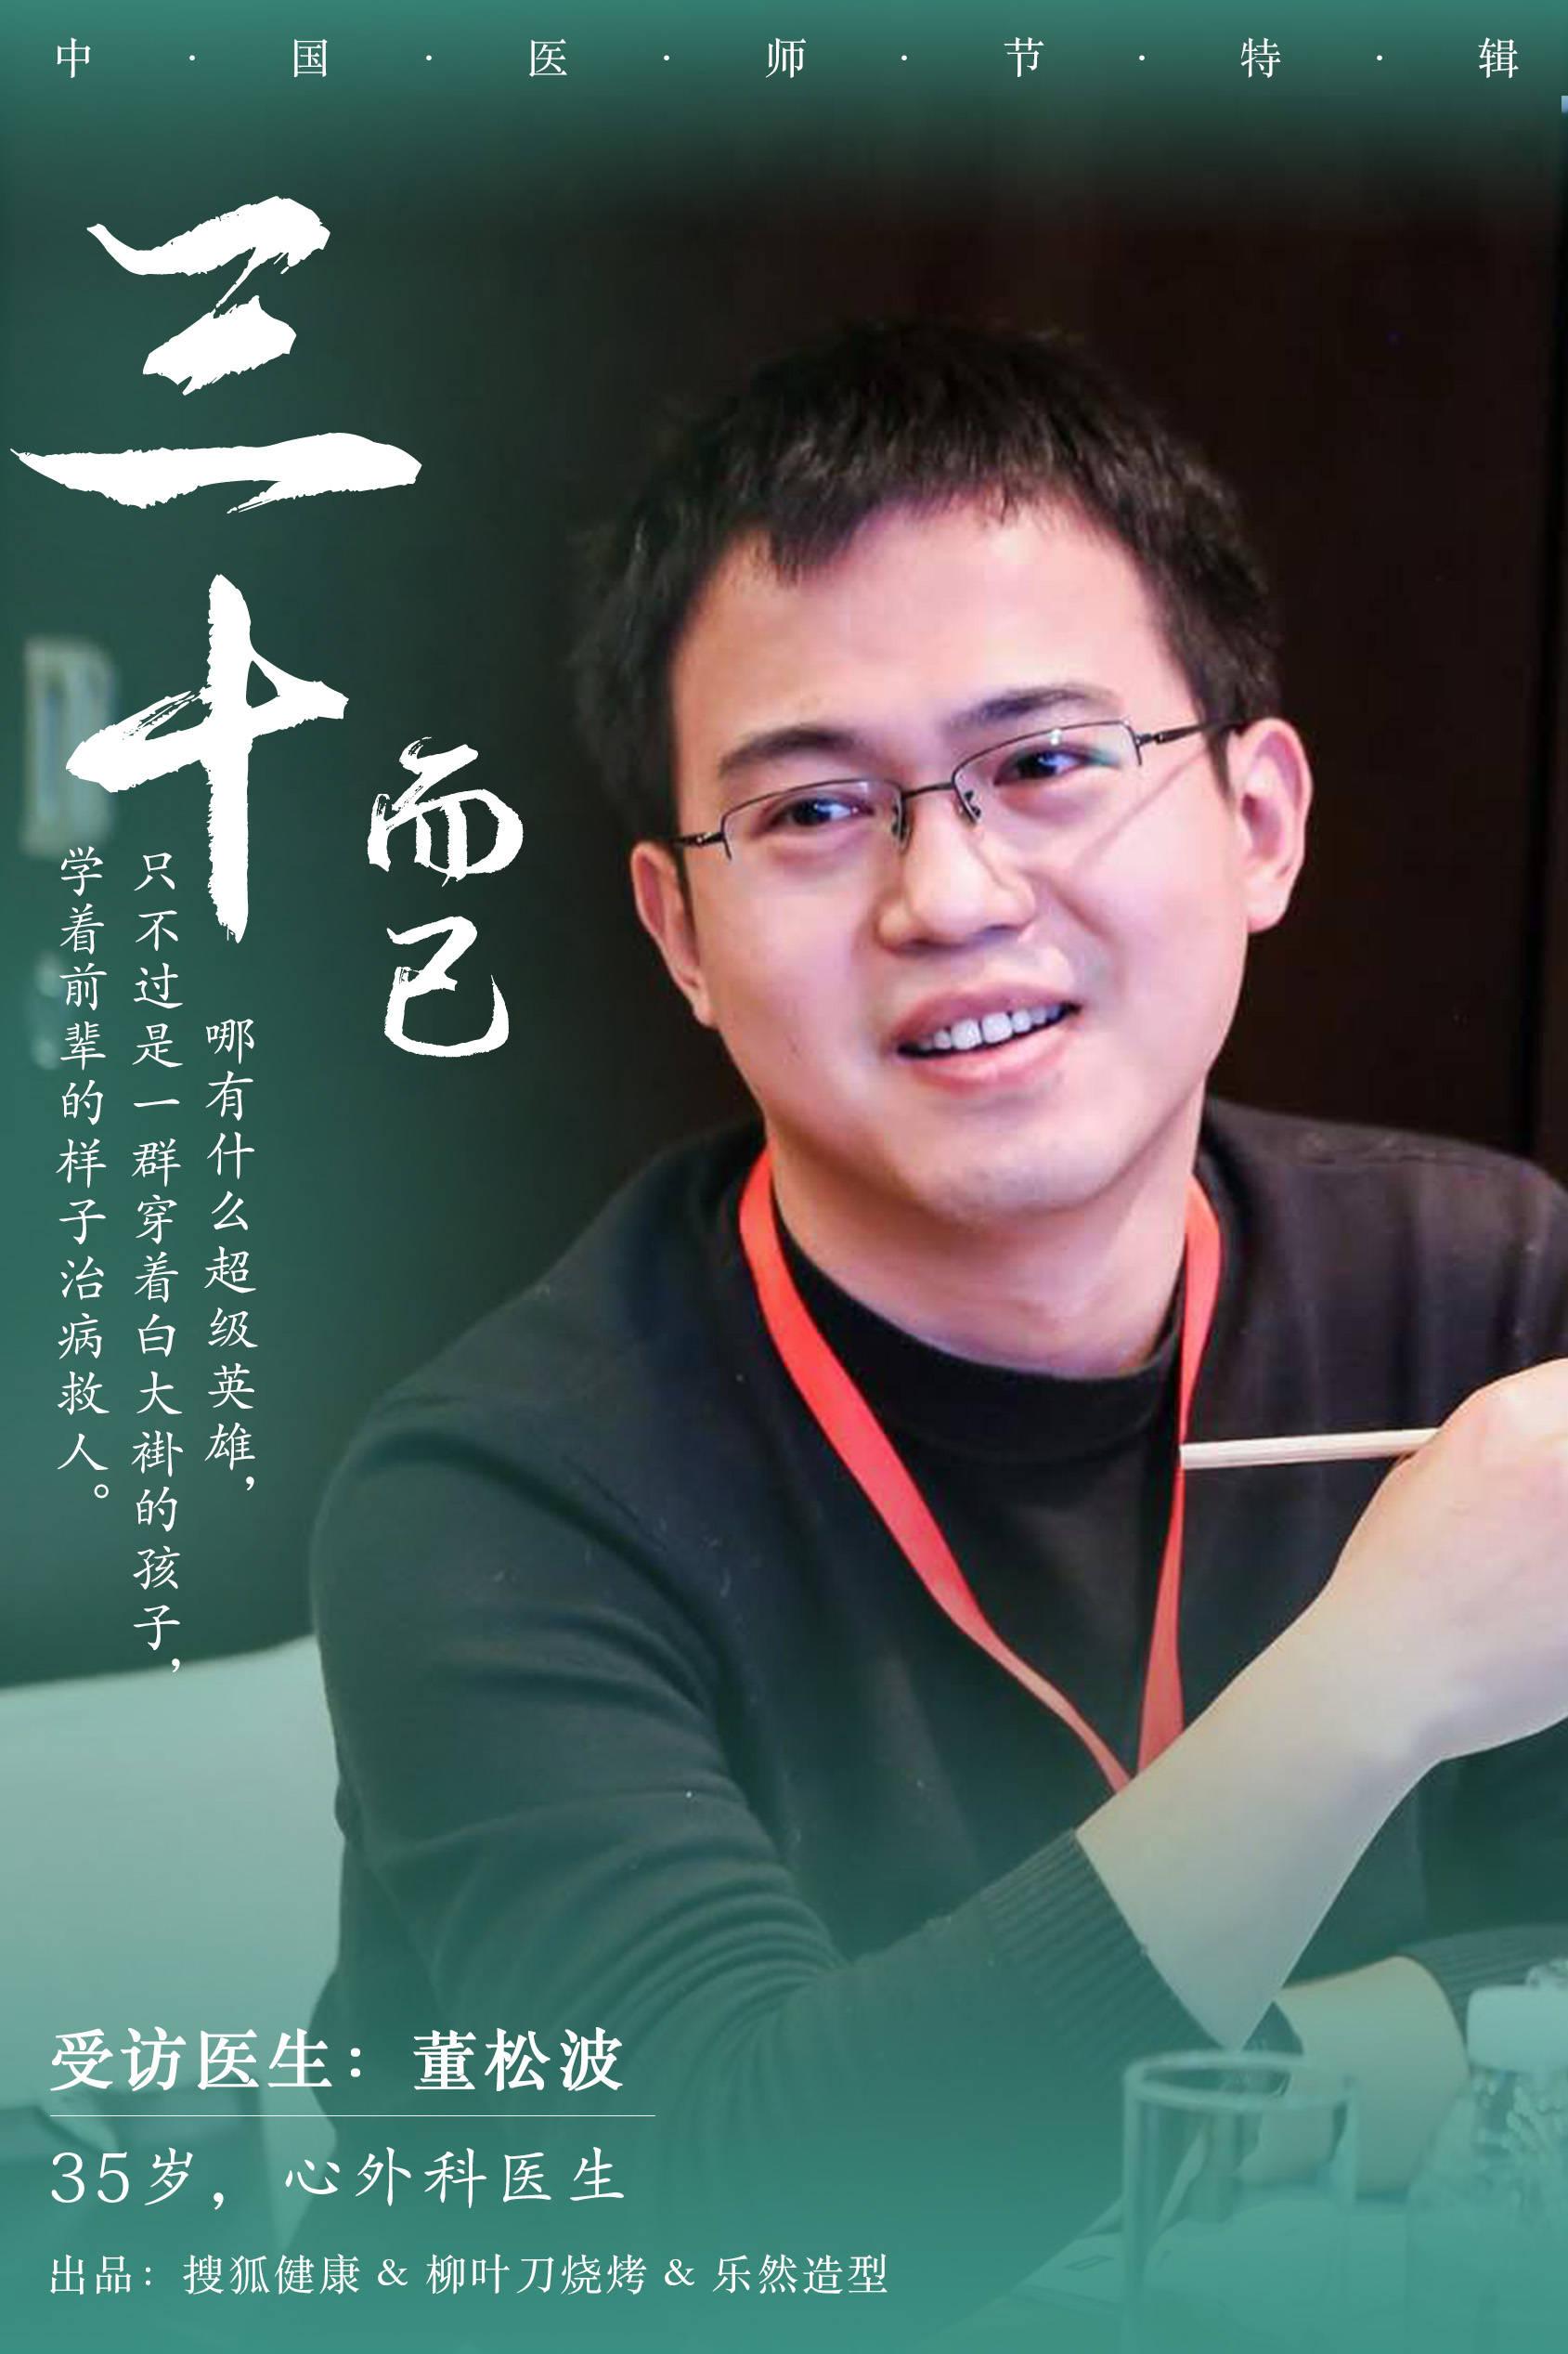 原创搜狐健康医师节特辑 董松波医生:前浪和后浪夹击下的坚守